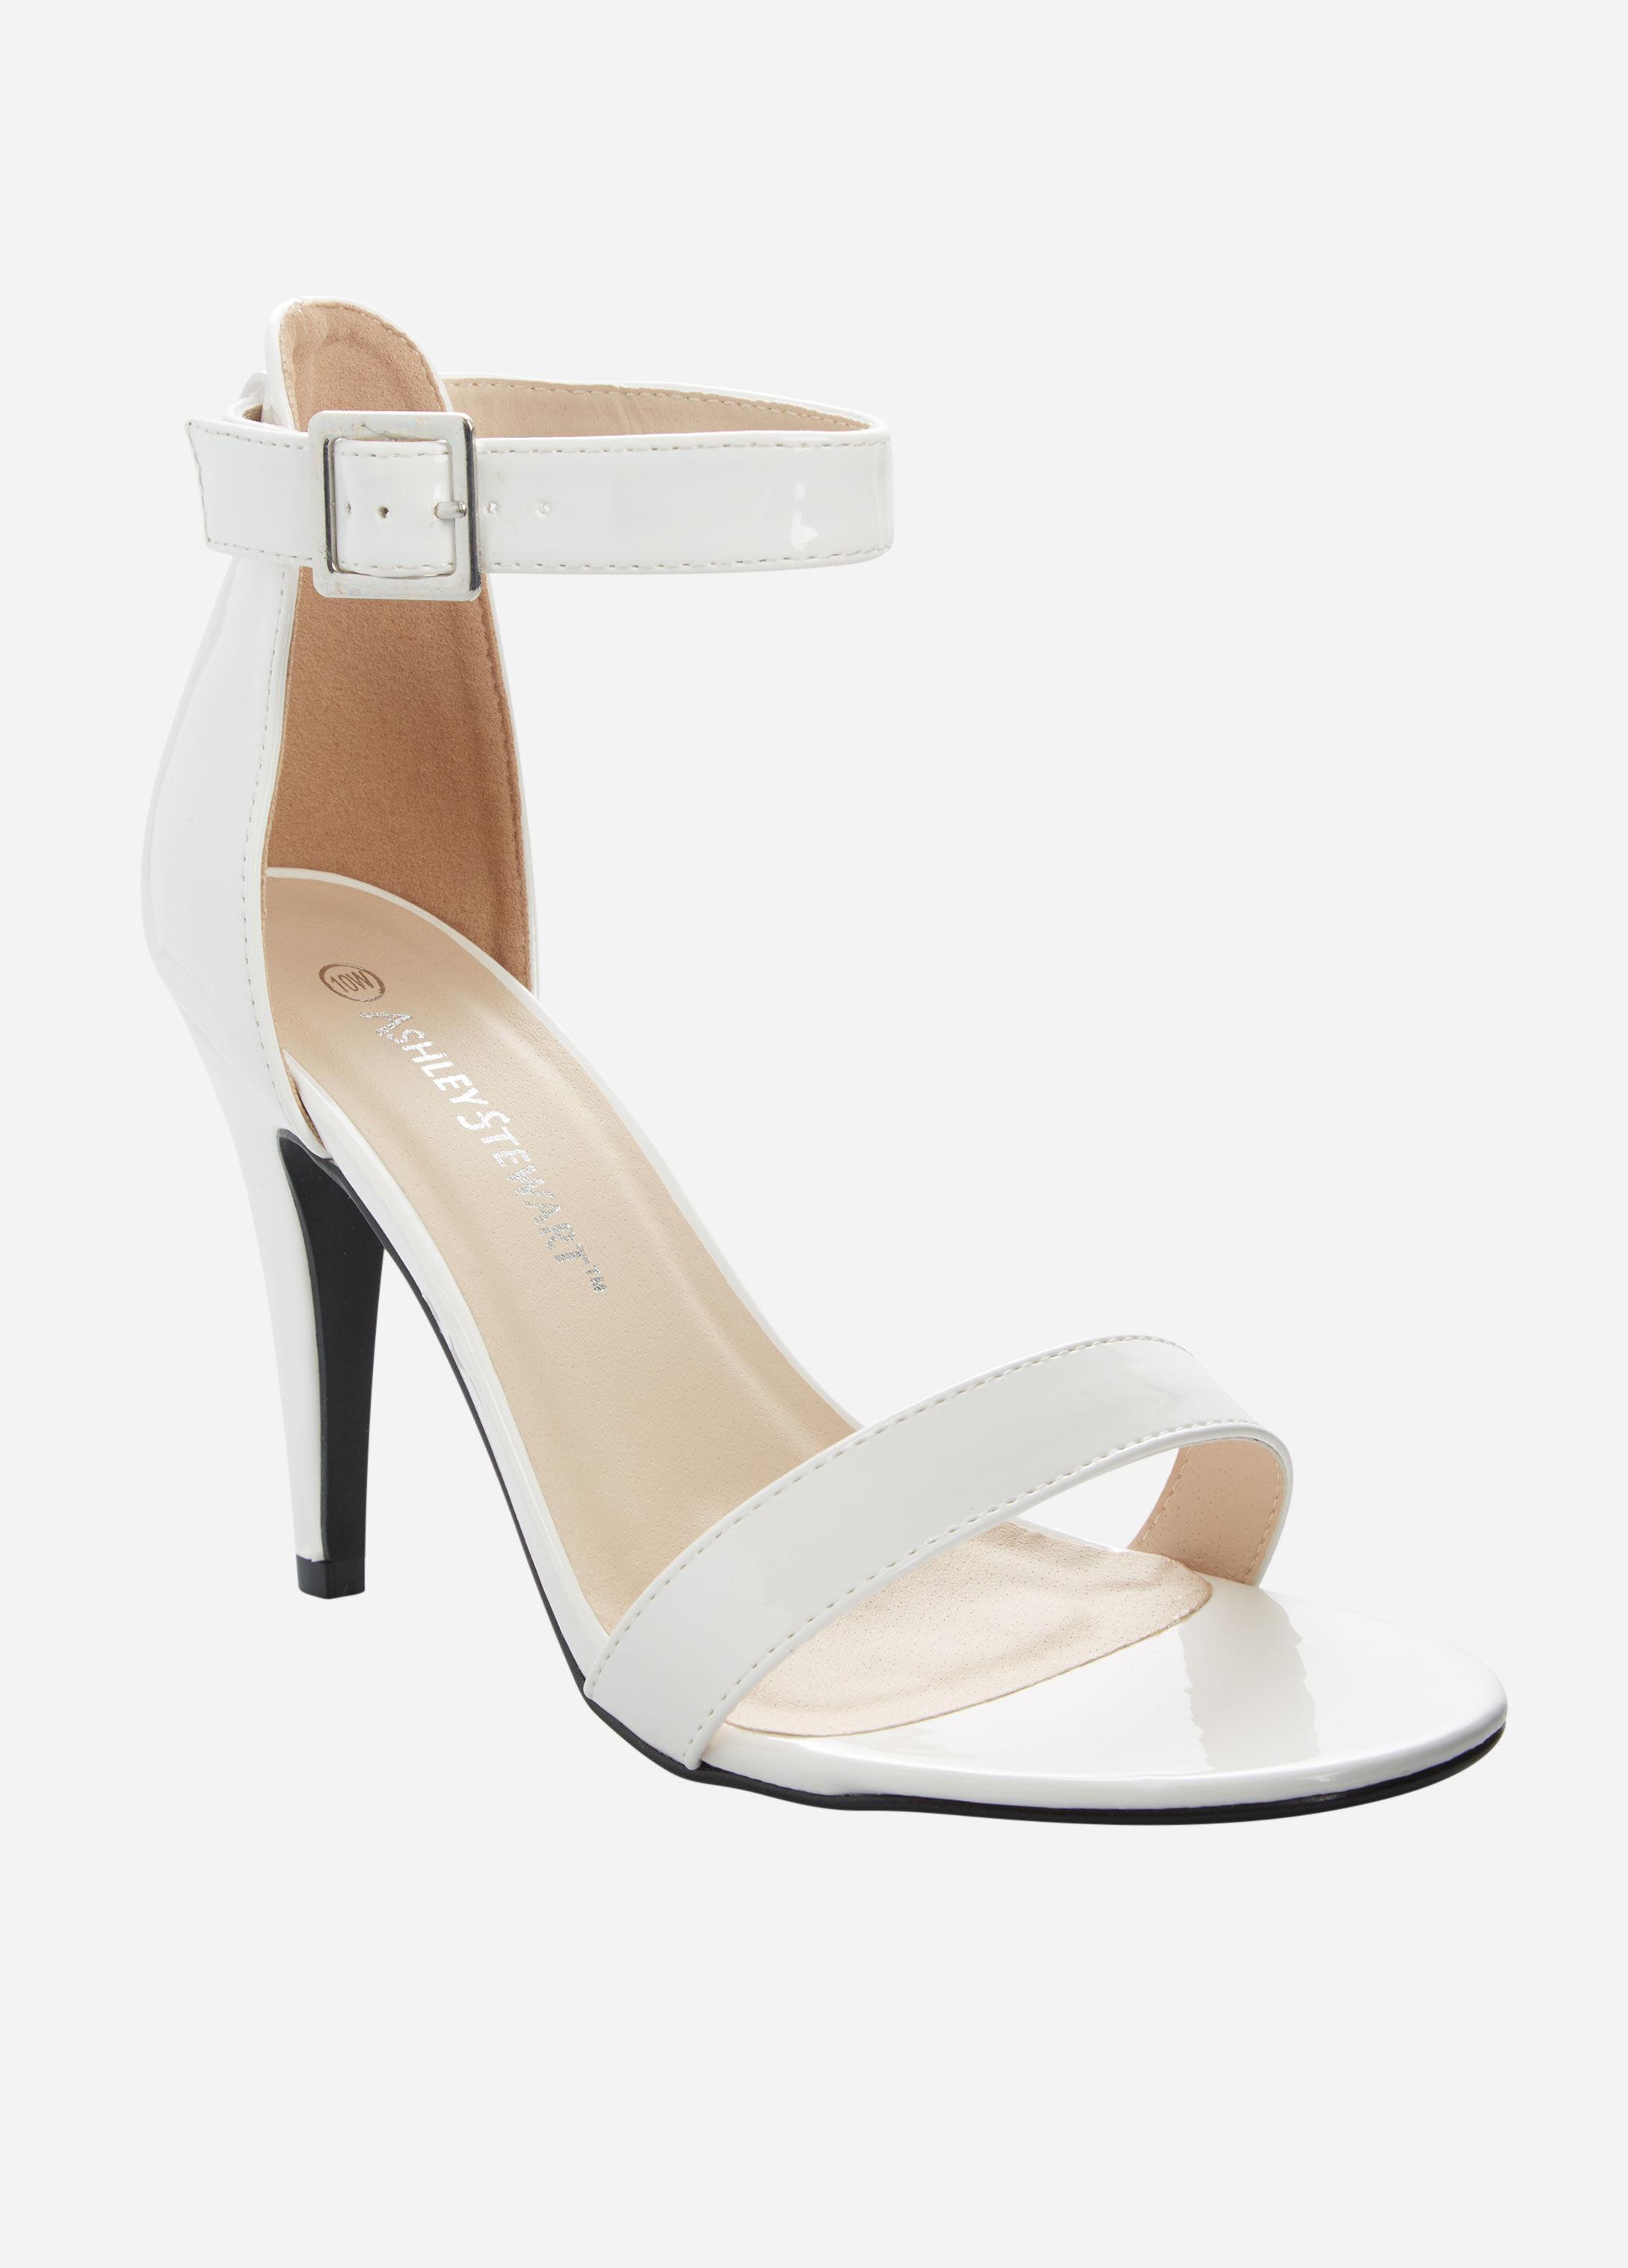 776cc18286c8 Lyst - Ashley Stewart Open Toe Heeled Sandal - Wide Width in White